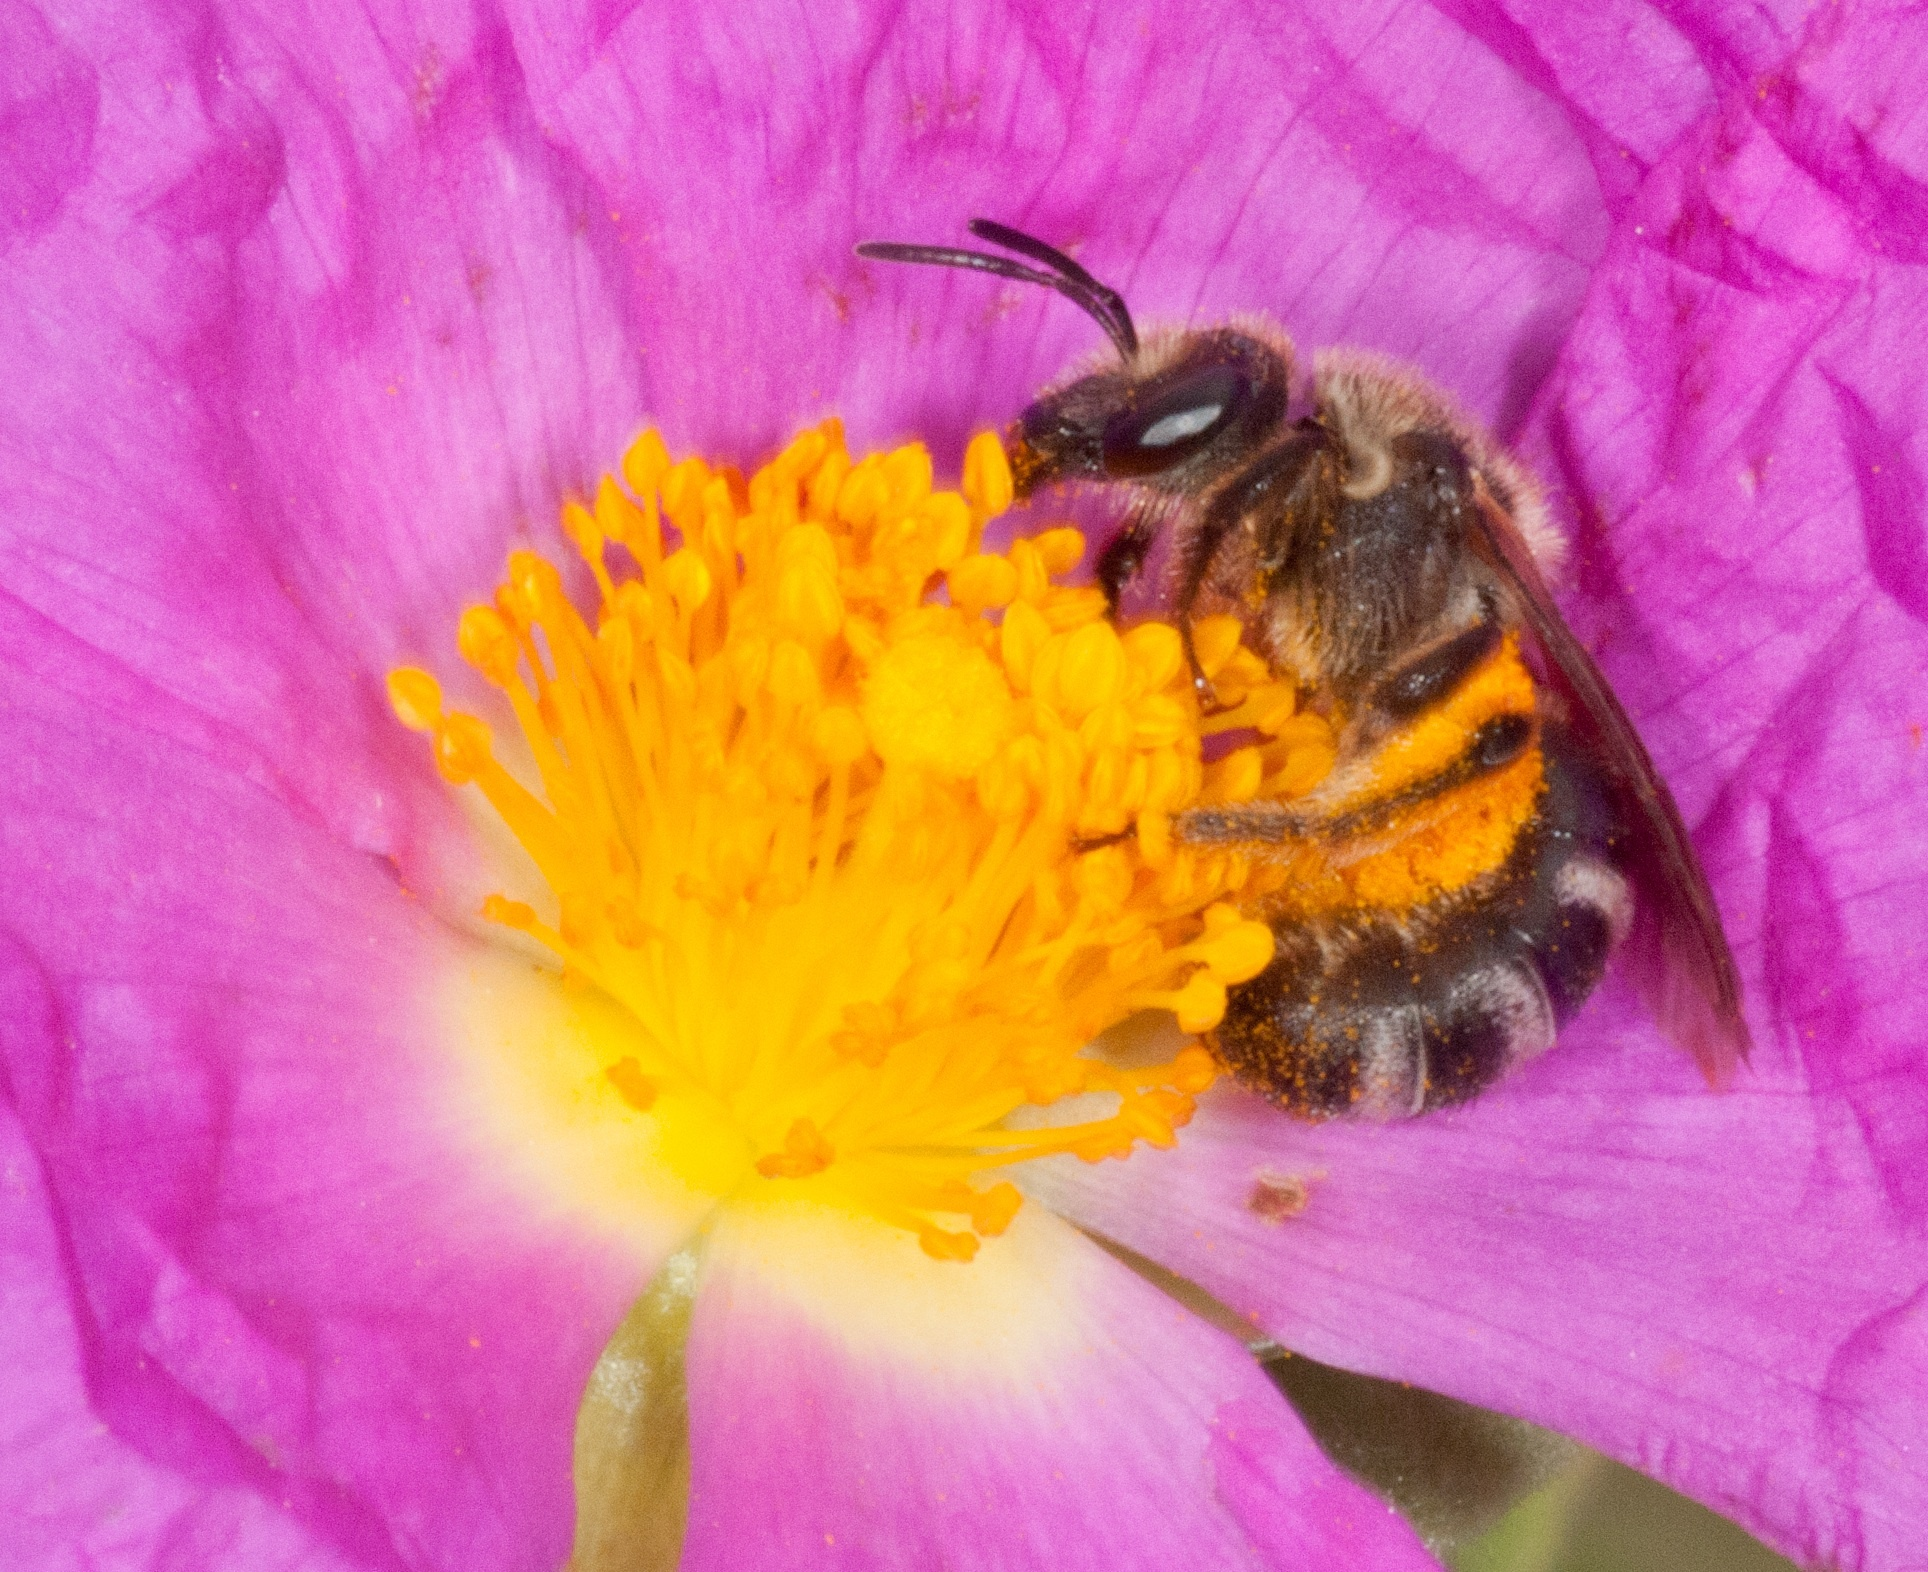 El veto a tres plaguicidas que matan a las abejas entrará en vigor el 1 de diciembre en toda la UE